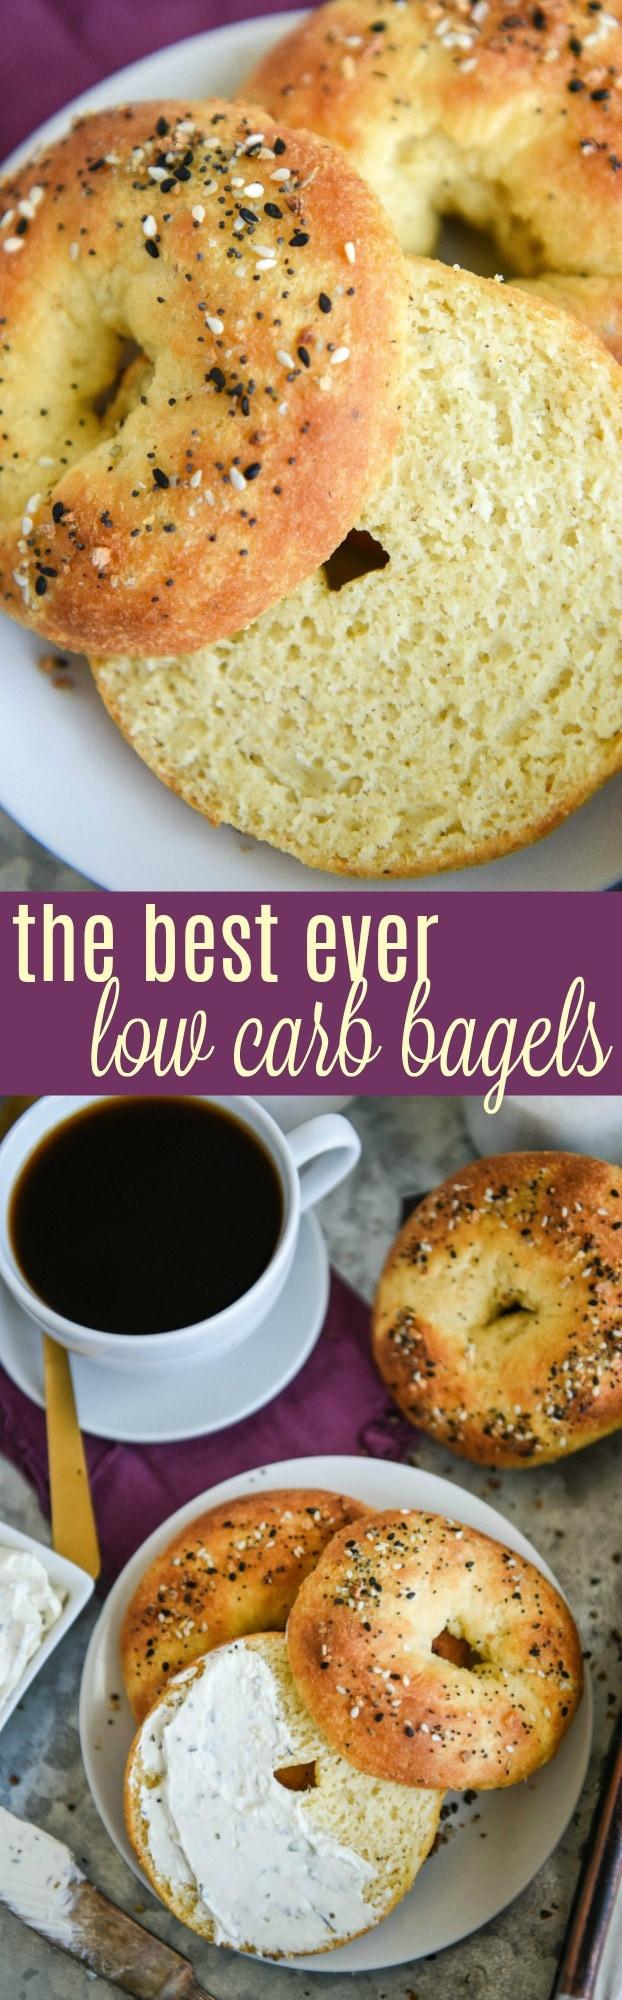 Low Calorie Bagels  The Best Low Carb Bagels